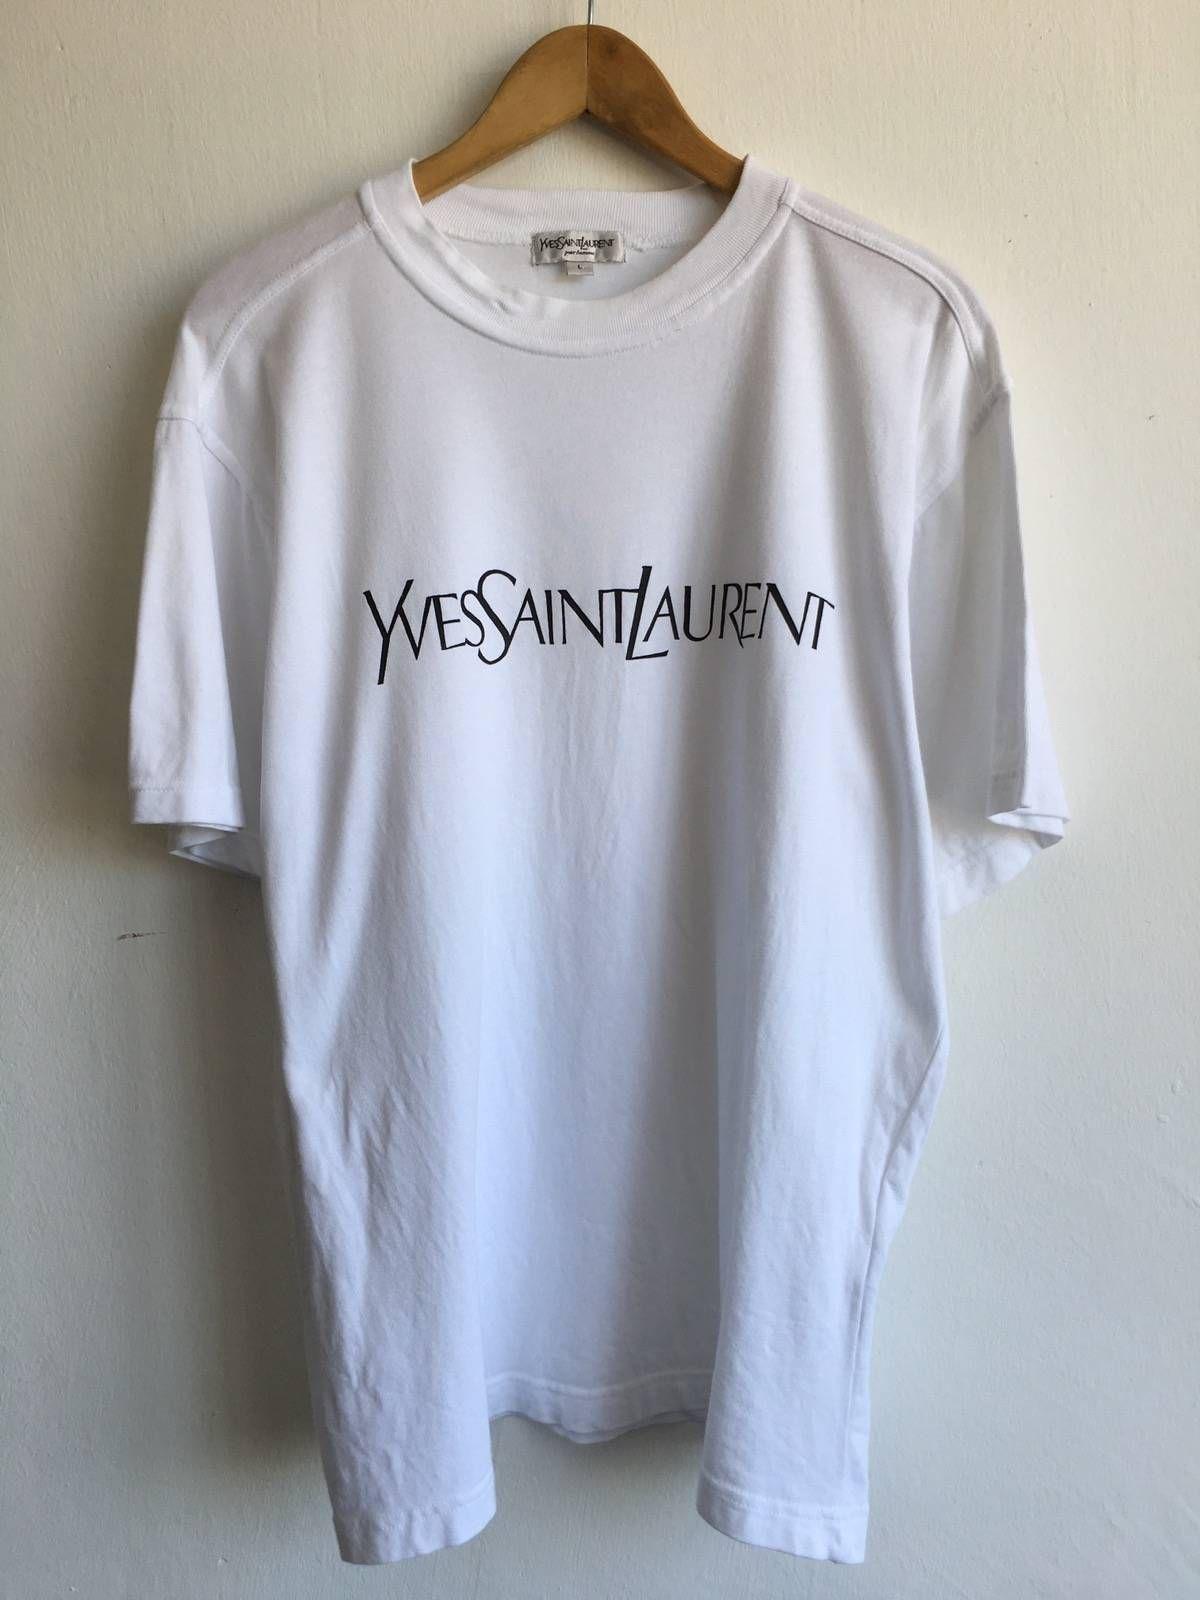 ea7ce1dcd46 Ysl Pour Homme × Yves Saint Laurent Yves Saint Laurent White Tshirt  Spellout Size Large Size L $133